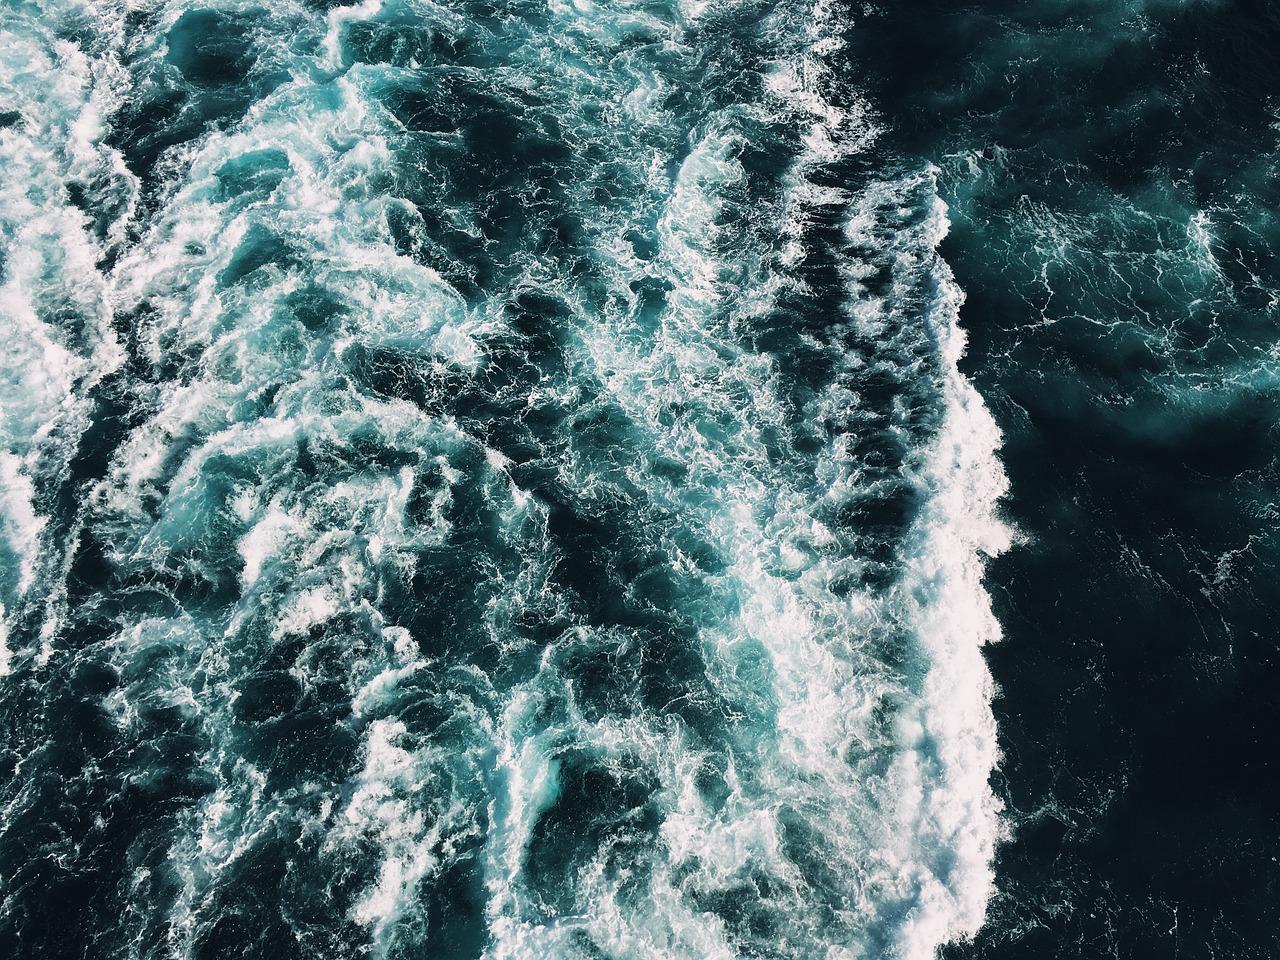 water-1246527_1280.jpg